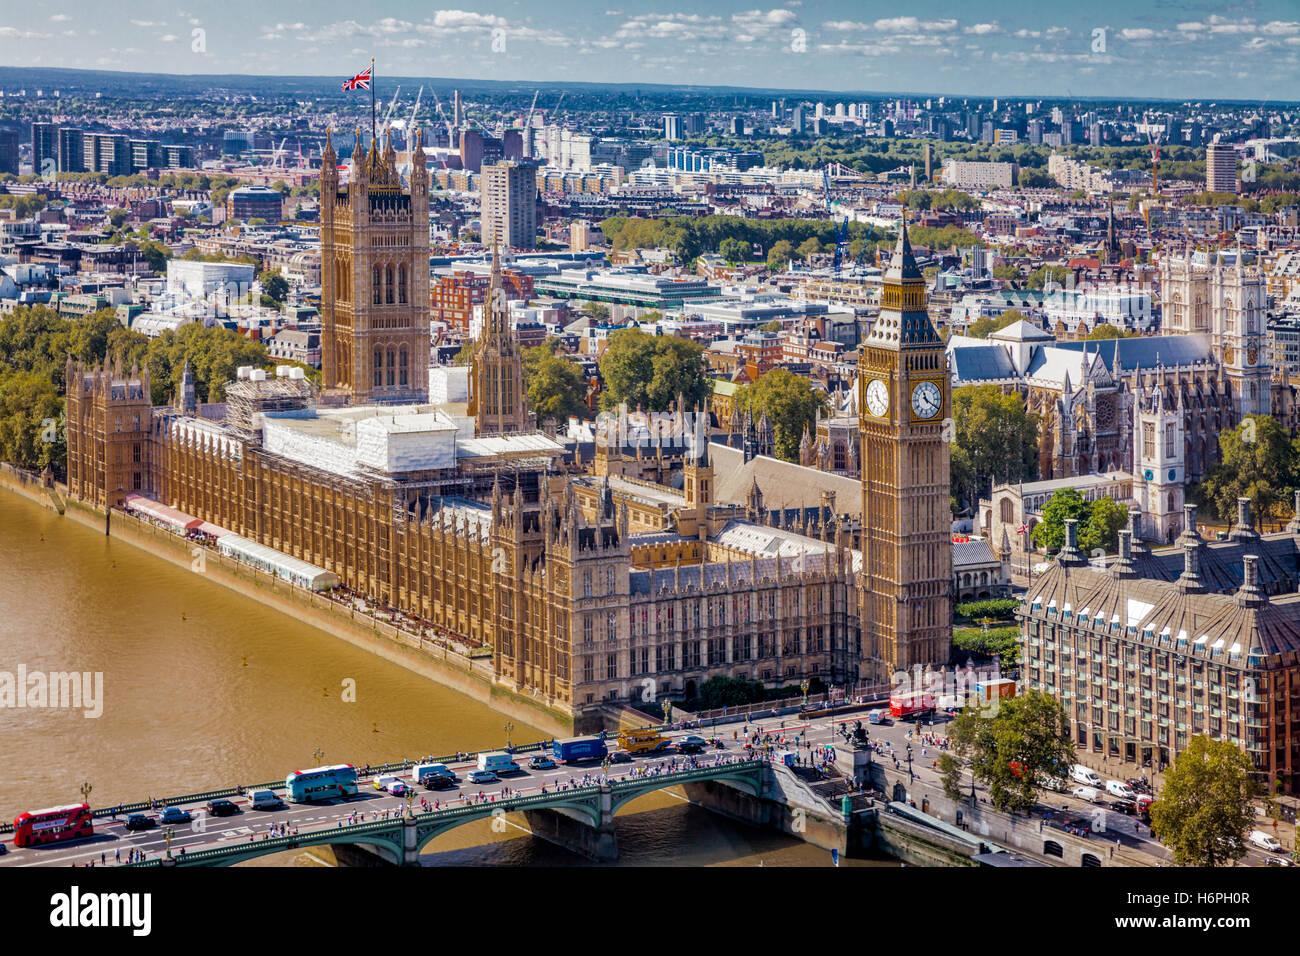 Inglaterra: panorama de la ciudad de Londres, incluyendo el río Támesis y el puente de Westminster, el palacio de Westminster, casas del parlamento, el Big Ben, Portcullis House Foto de stock